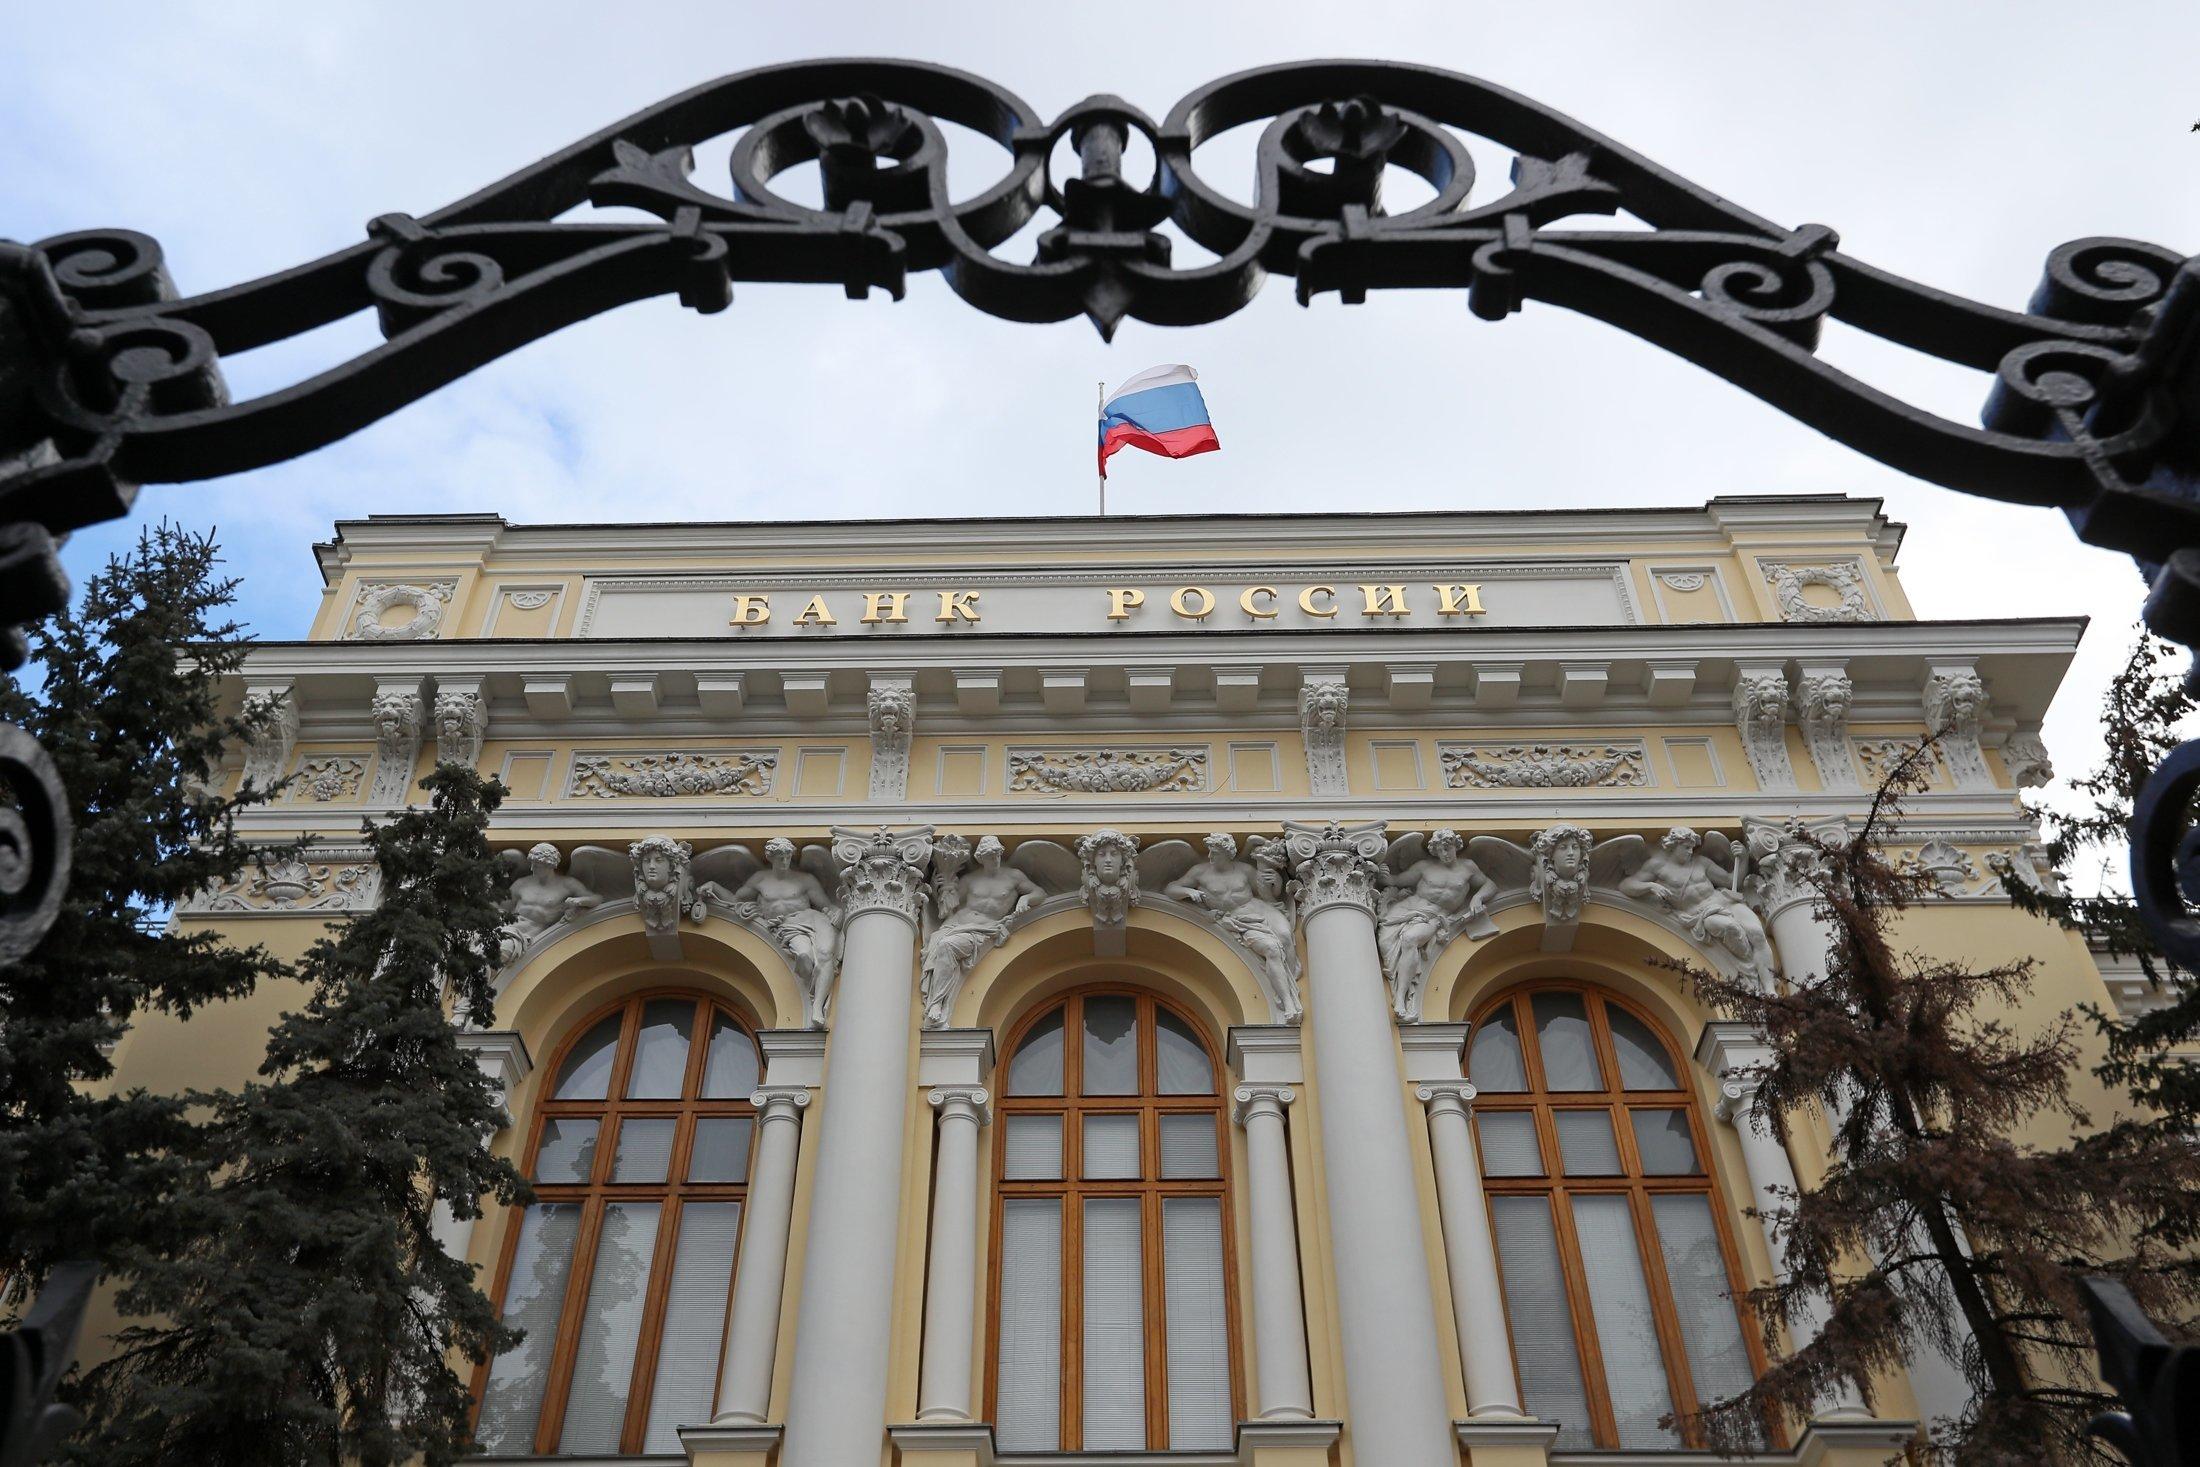 Центробанк разработал концепцию цифрового рубля. В конце года выйдет прототип, в следующем — начнутся тесты